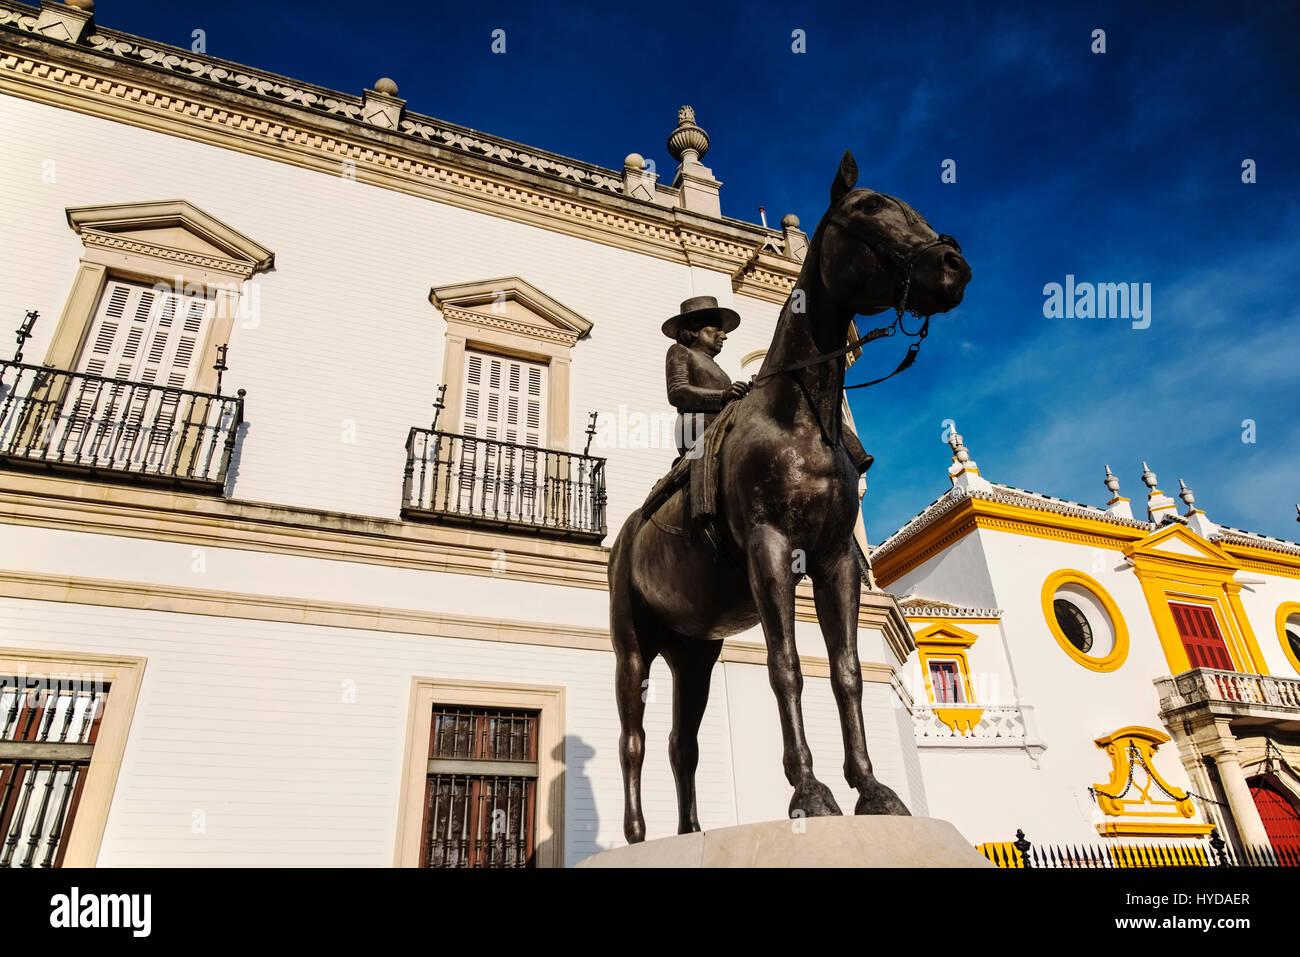 SPAIN, SEVILLE, PROVINCE OF SEVILLE, AUGUSTA SENORA CONDESA DE BARCELONA EQUESTRIAN STATUE IN FRONT OF PLAZA DE - Stock Image